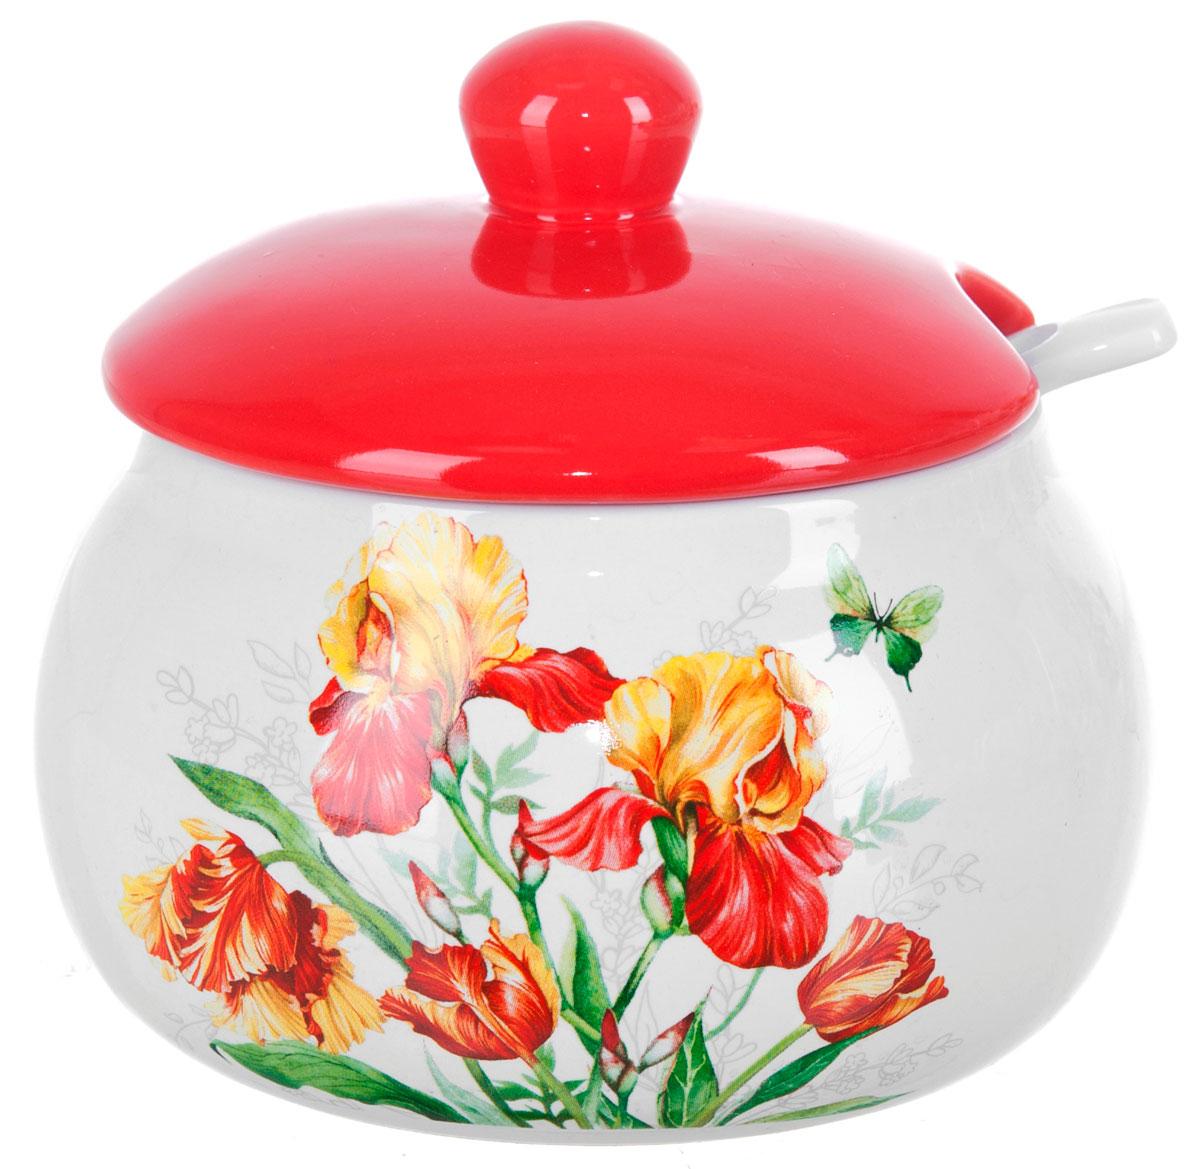 Сахарница ENS Group Касатик, с ложкой, 500 мл115510Сахарница Касатик с крышкой и ложкой изготовлена из керамики и украшена ярким рисунком.Емкость универсальна, подойдет как для сахара, так и для специй или меда. Можно мыть в посудомоечной машине.